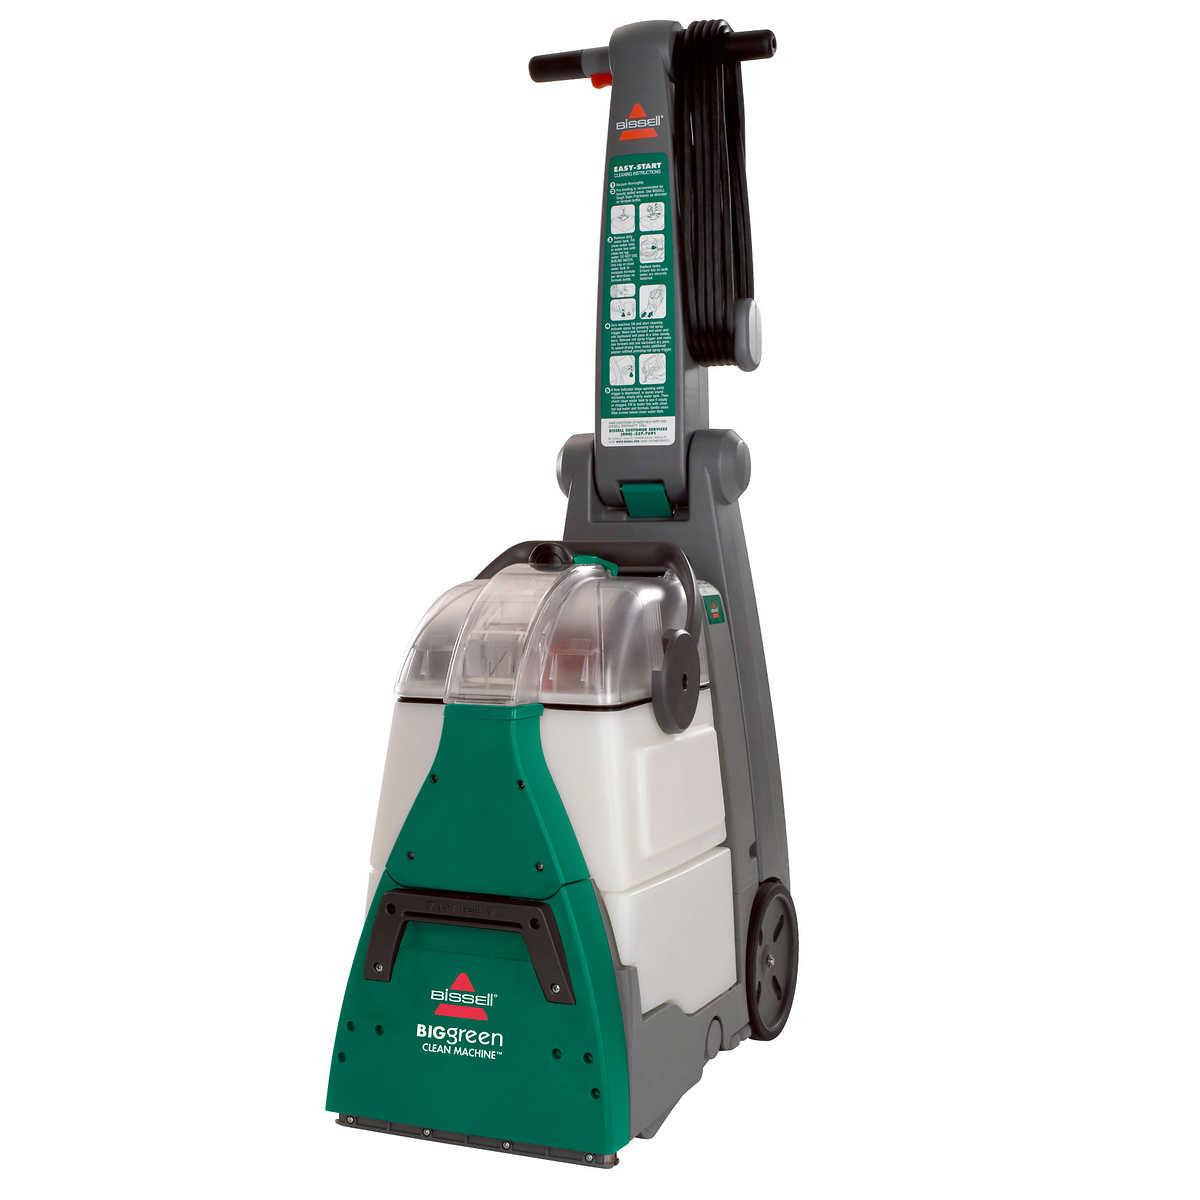 Bissell green clean machine